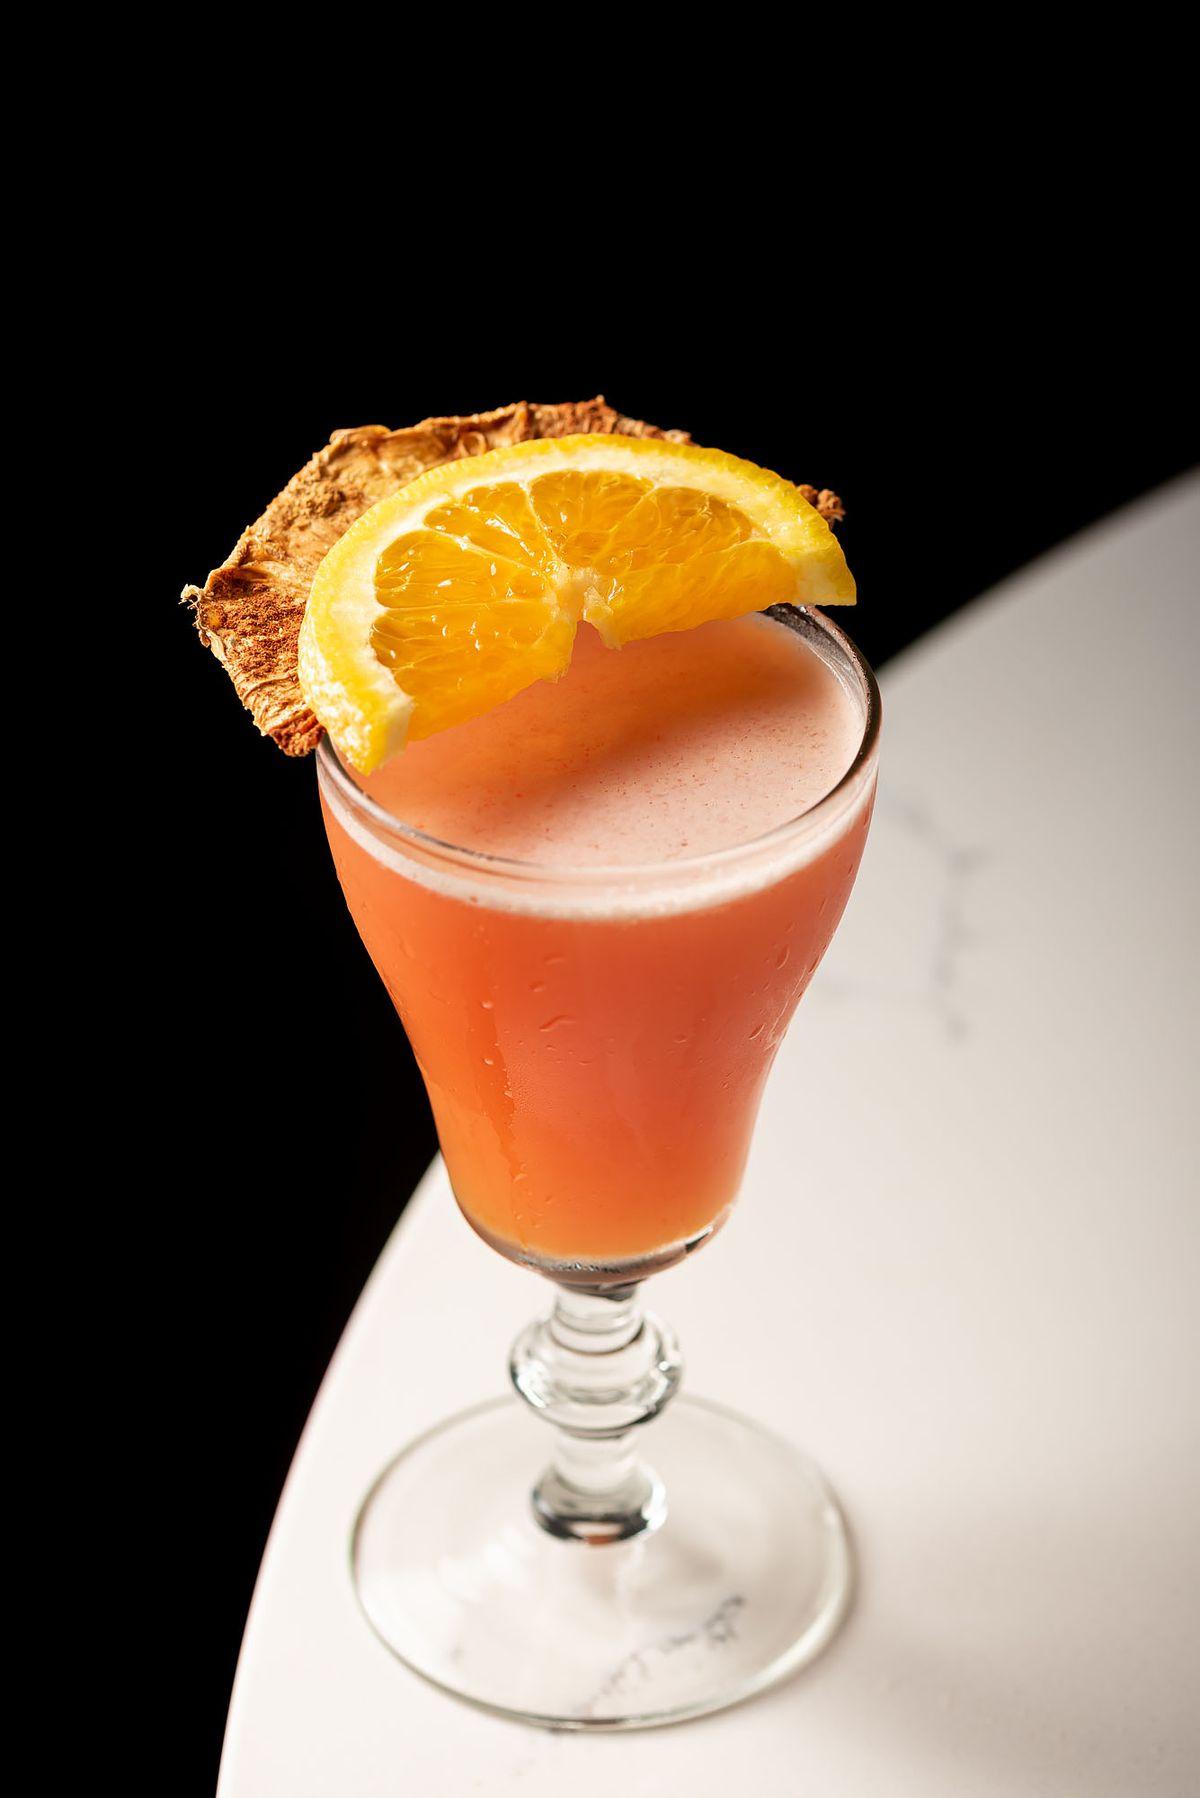 Antioxi-daq: white rum, peach, salted super fruit, cinnamon, lemon at Lanea